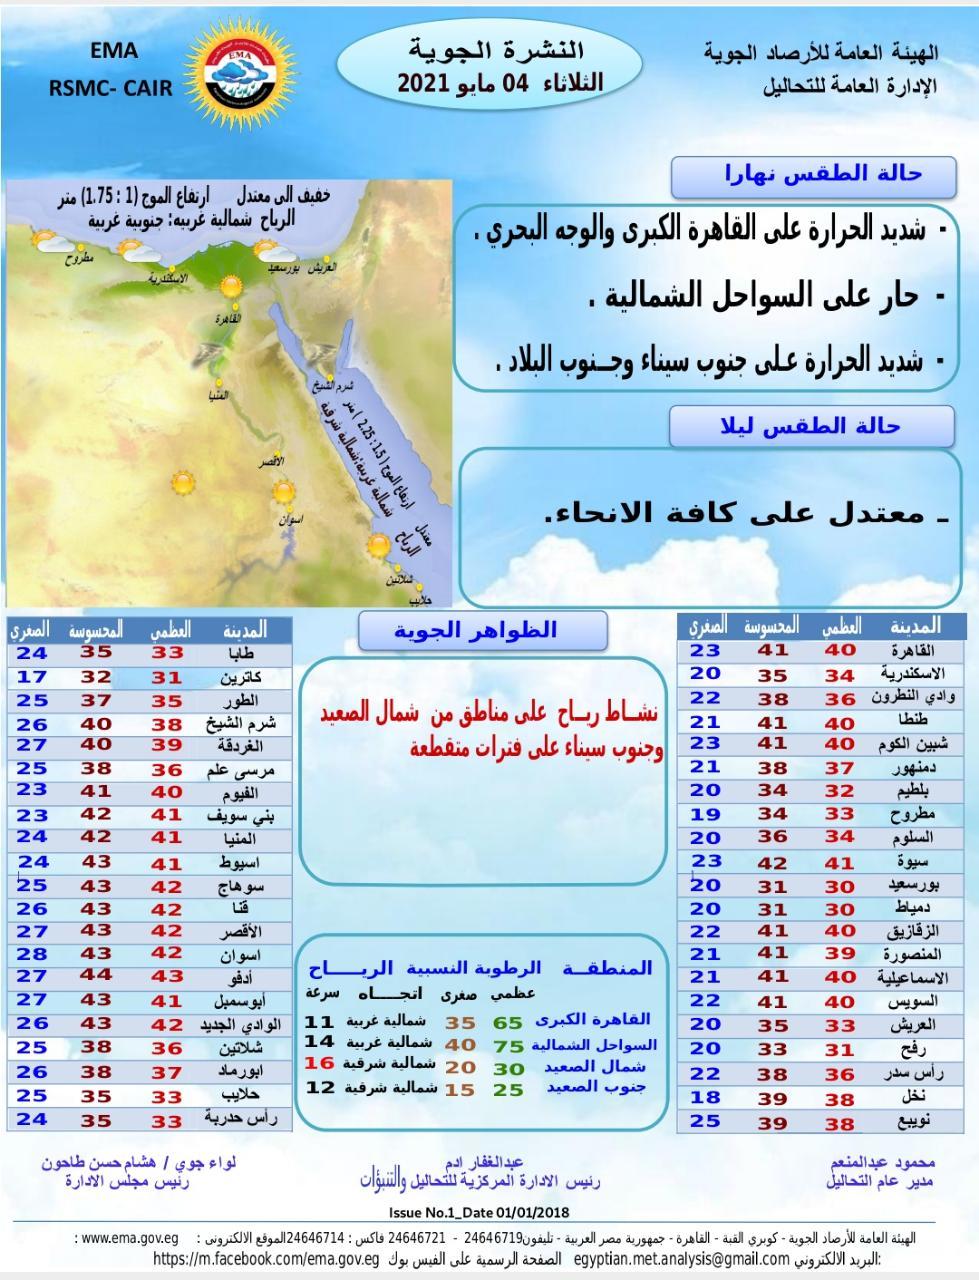 الحرارة 41 بكره في القاهرة.. حالة الطقس اليوم الثلاثاء 4 مايو وحتى الأحد القادم ودرجات الحرارة المتوقعة 3